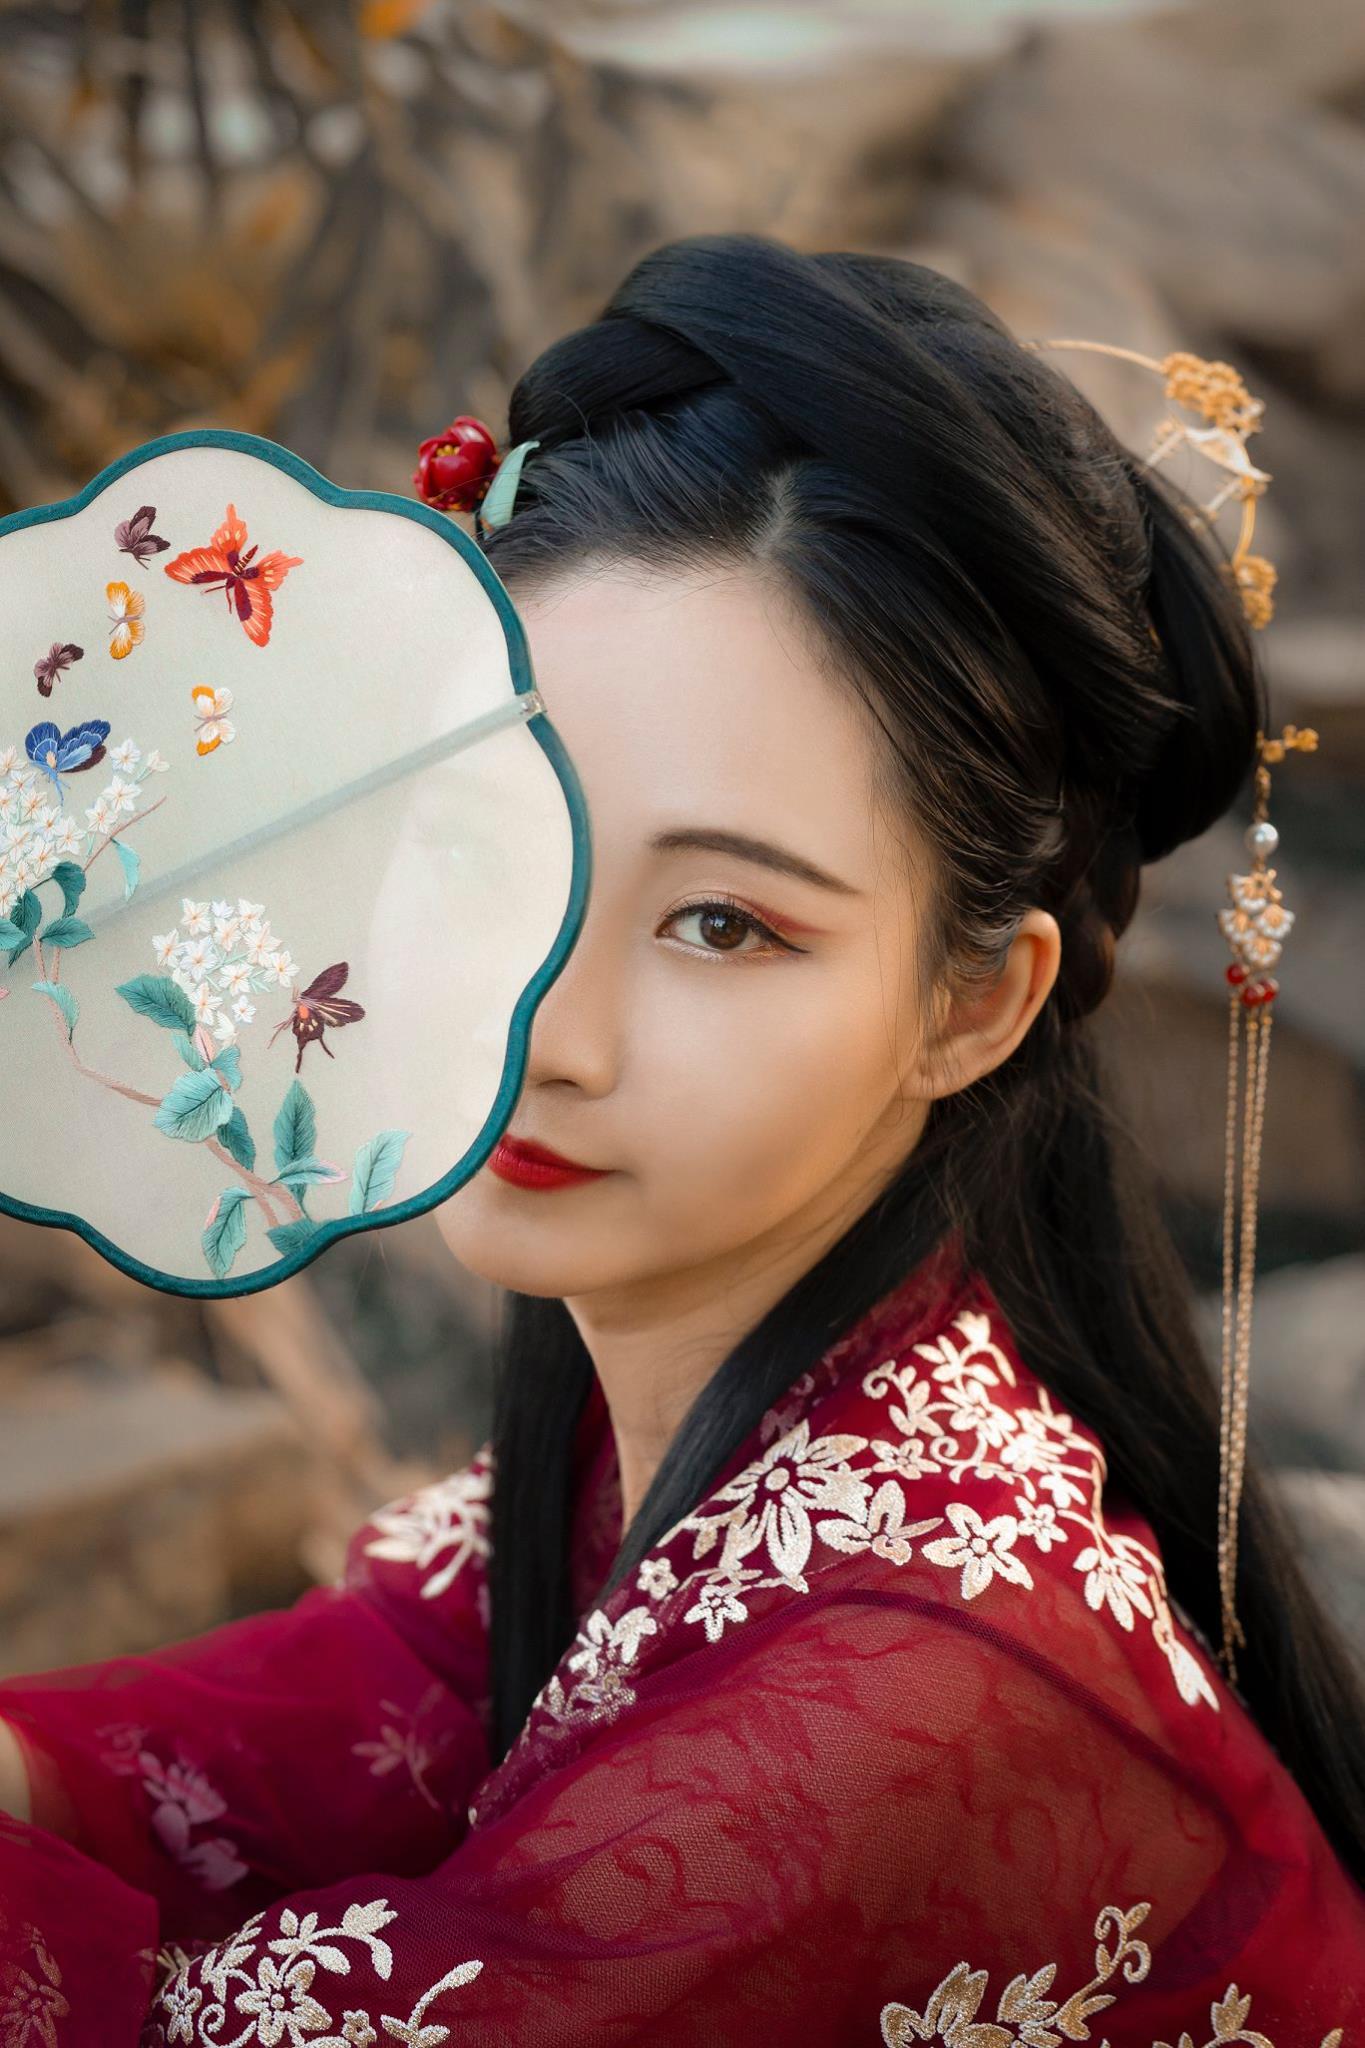 chụp ảnh cổ trang ngoại cảnh - Ngọc Thanh Ngọc Châu